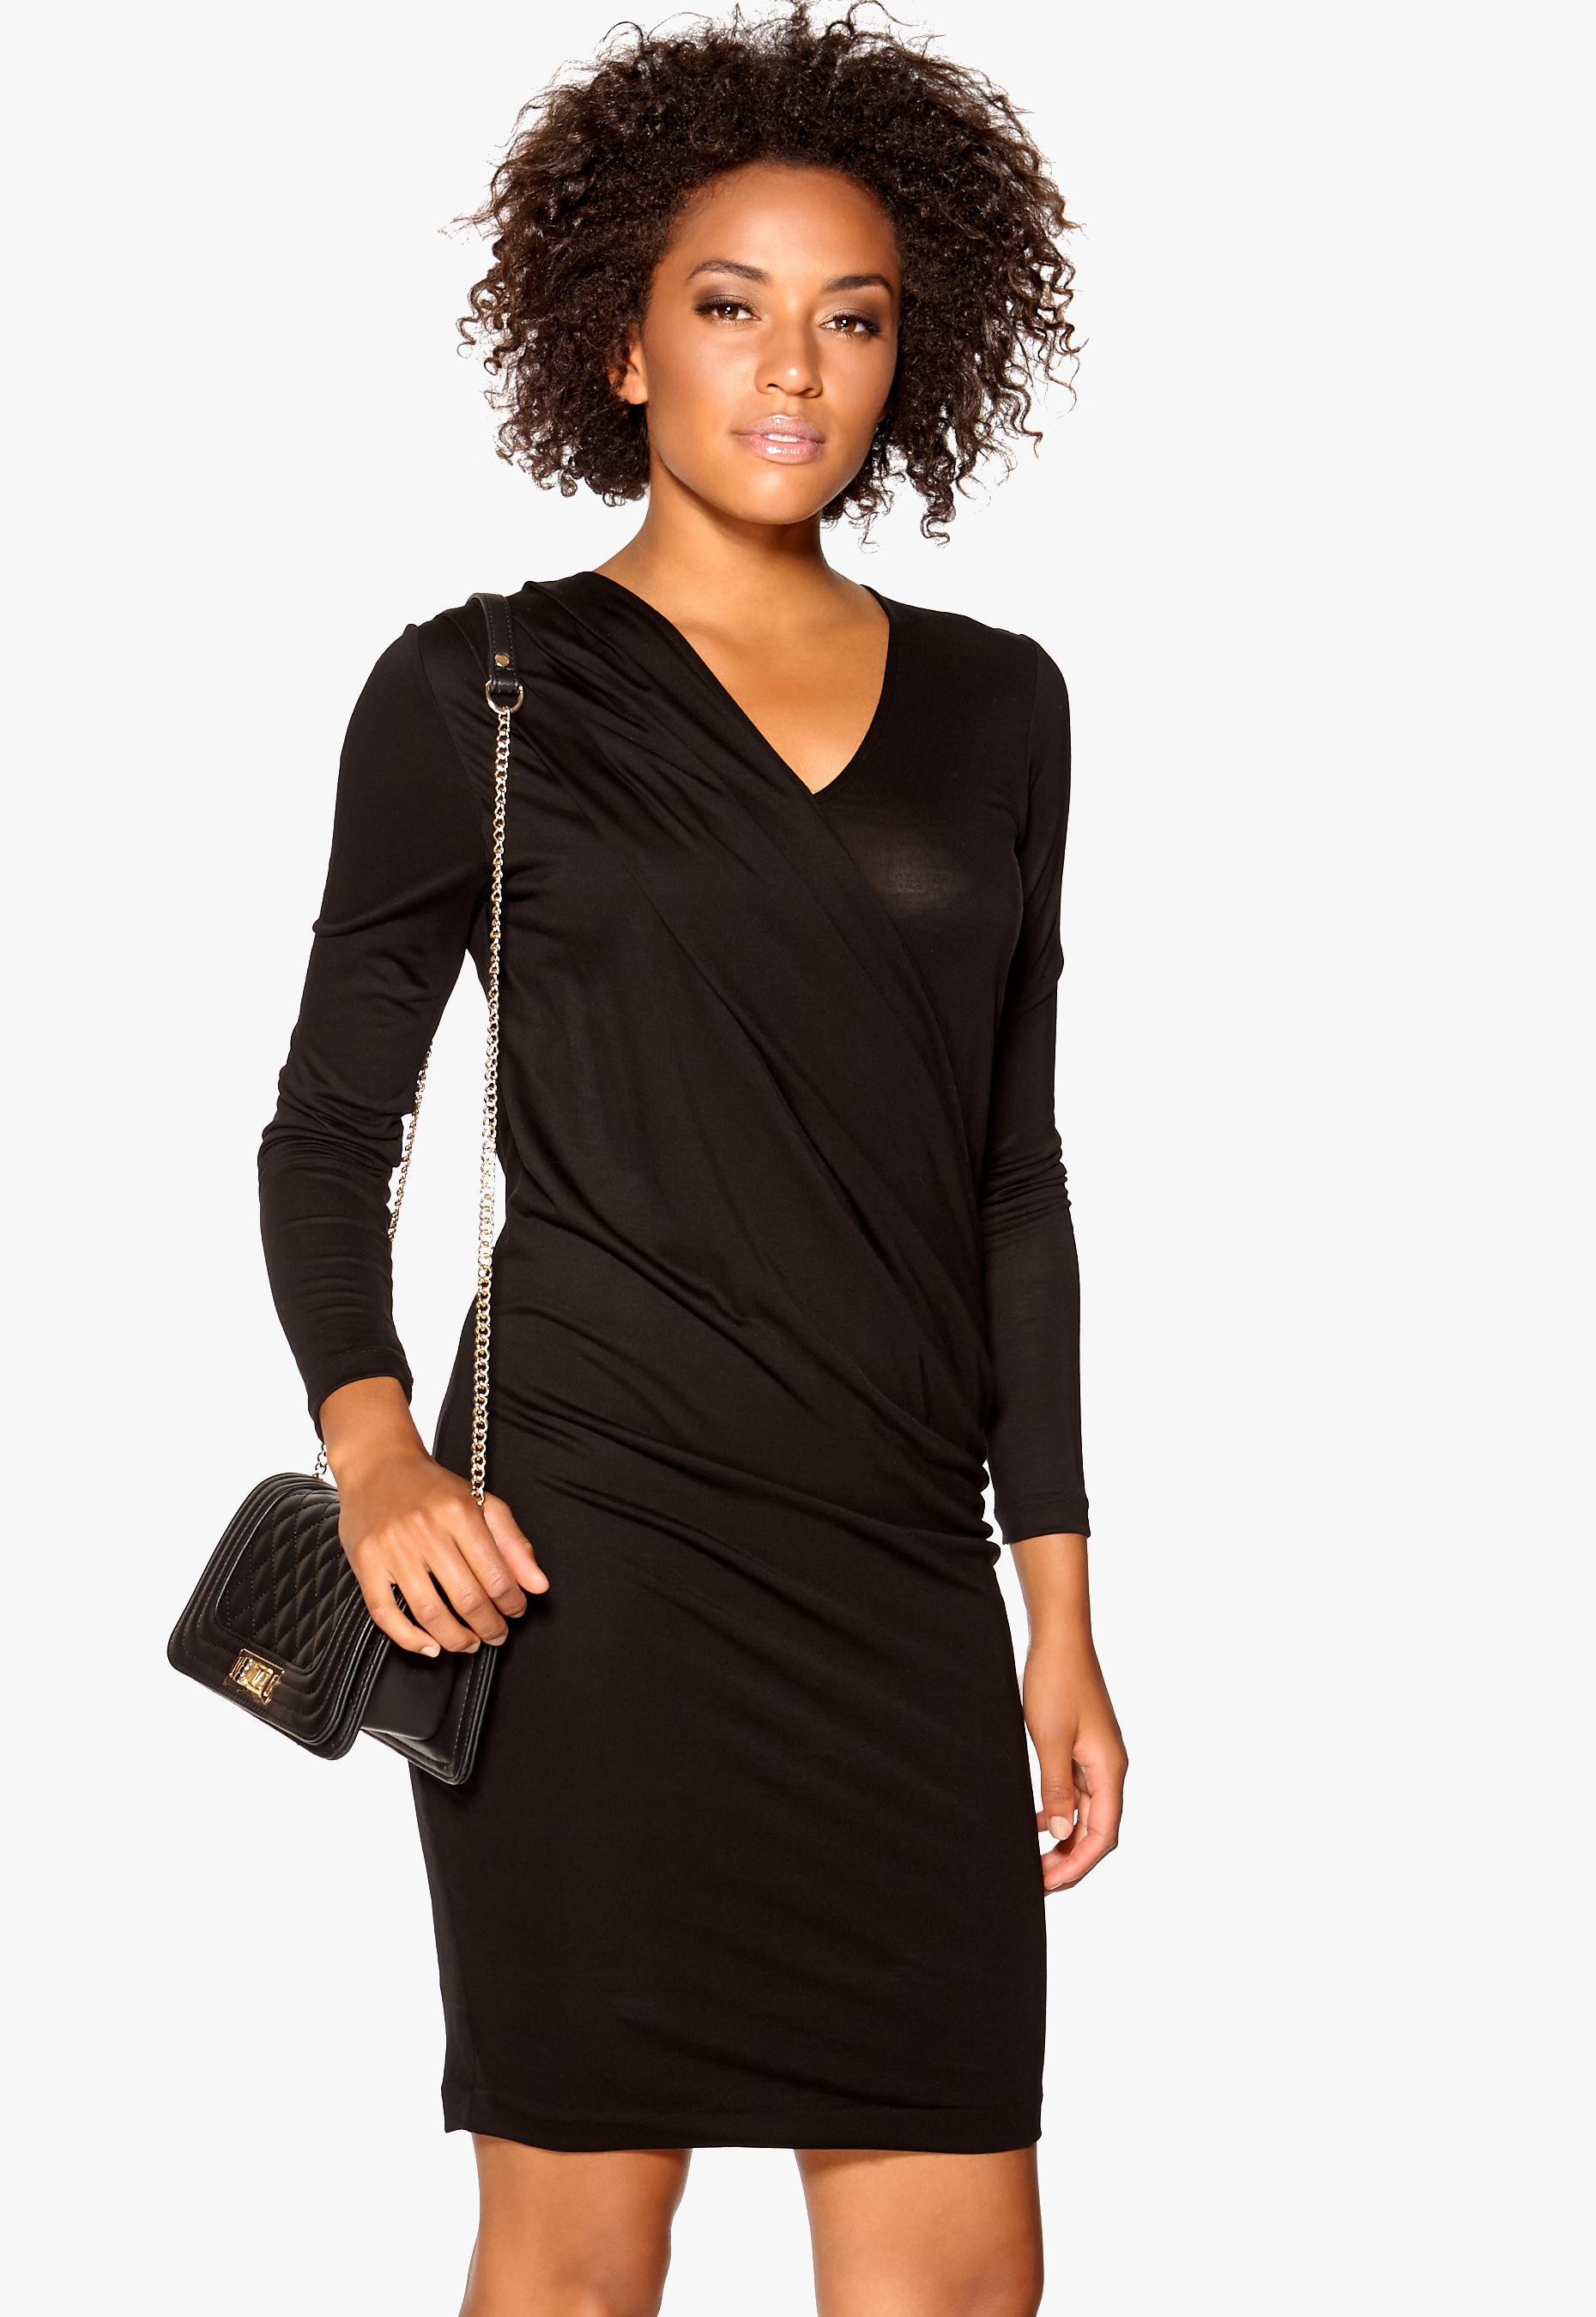 ff76a152190 TIGER OF SWEDEN Agate Dress 050 Black - Bubbleroom